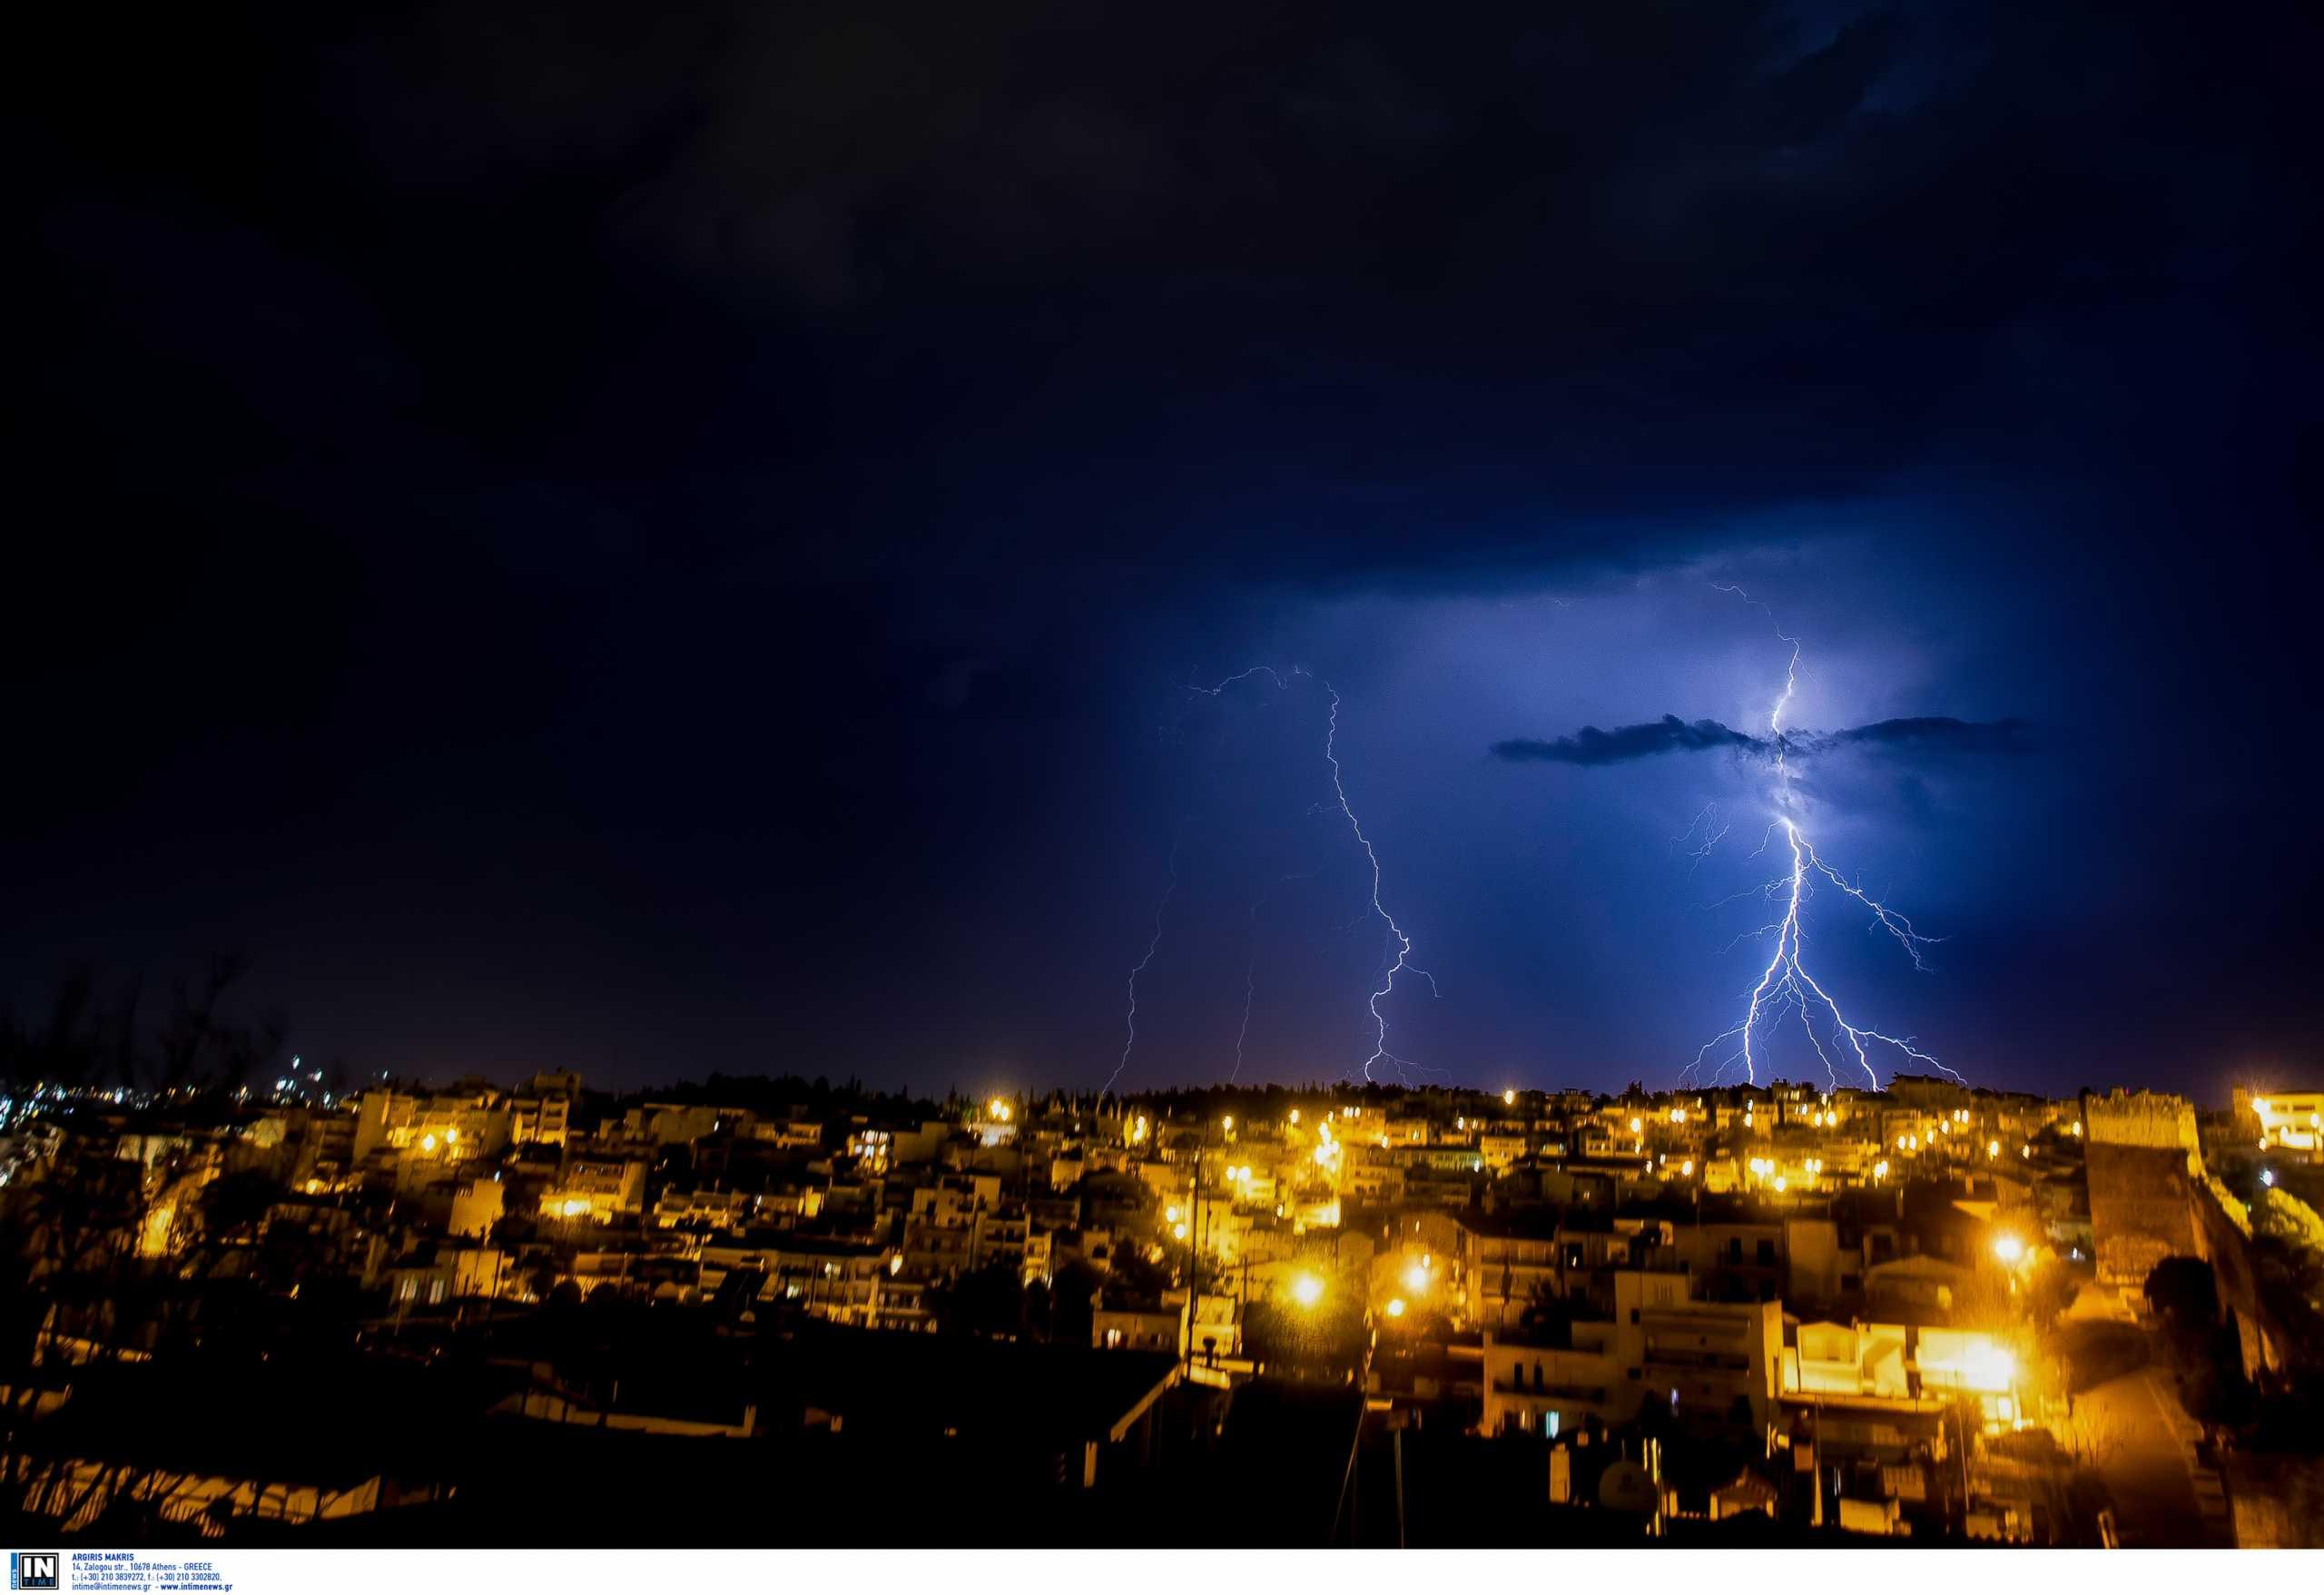 Καιρός – Κακοκαιρία «Μπάλλος»: Ισχυρές καταιγίδες και πλημμύρες σε κάθε γωνιά της Ελλάδας